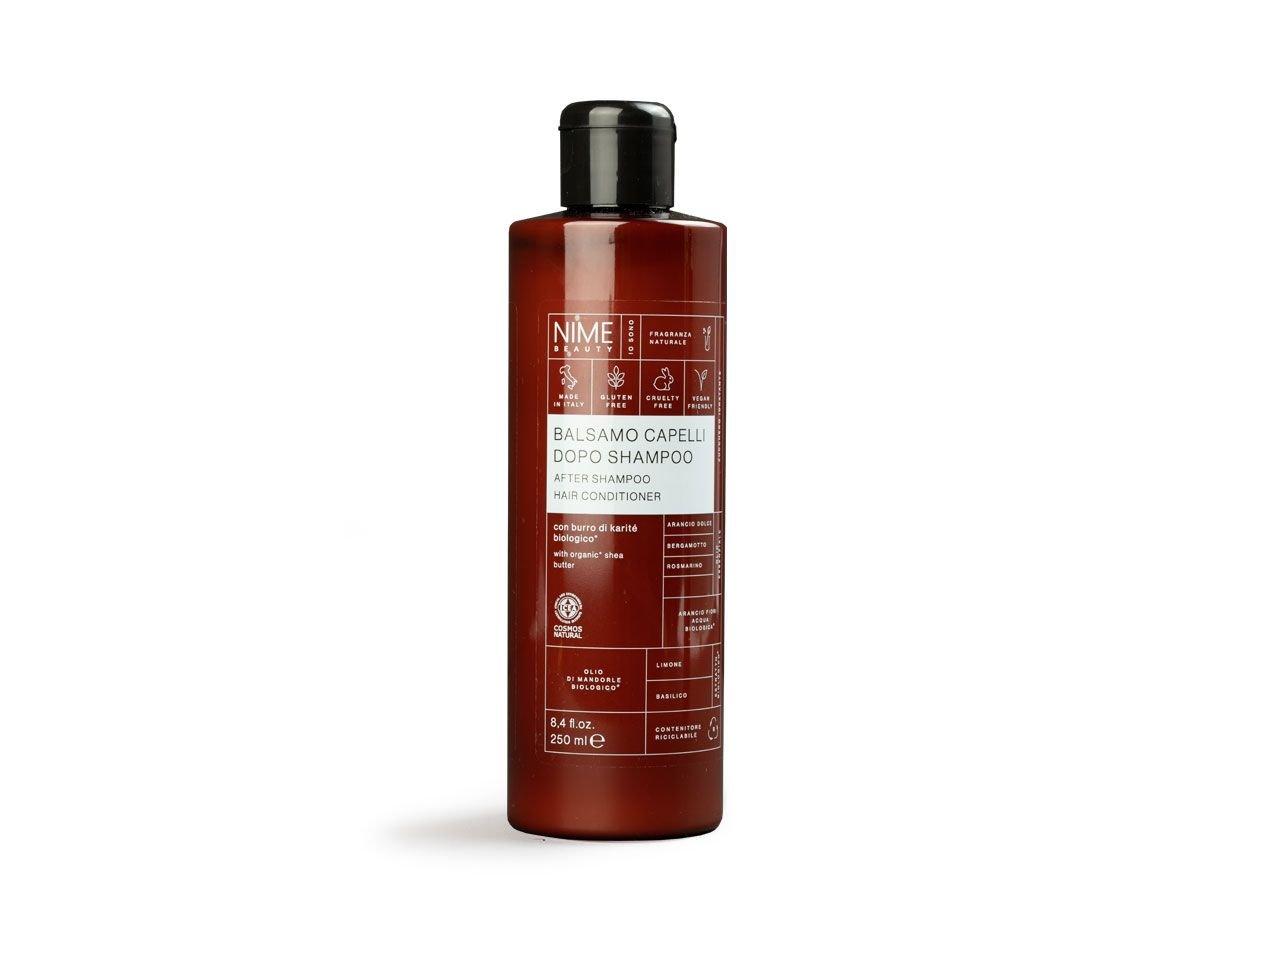 Balsamo Capelli dopo Shampoo con burro di karitè biologico - v2